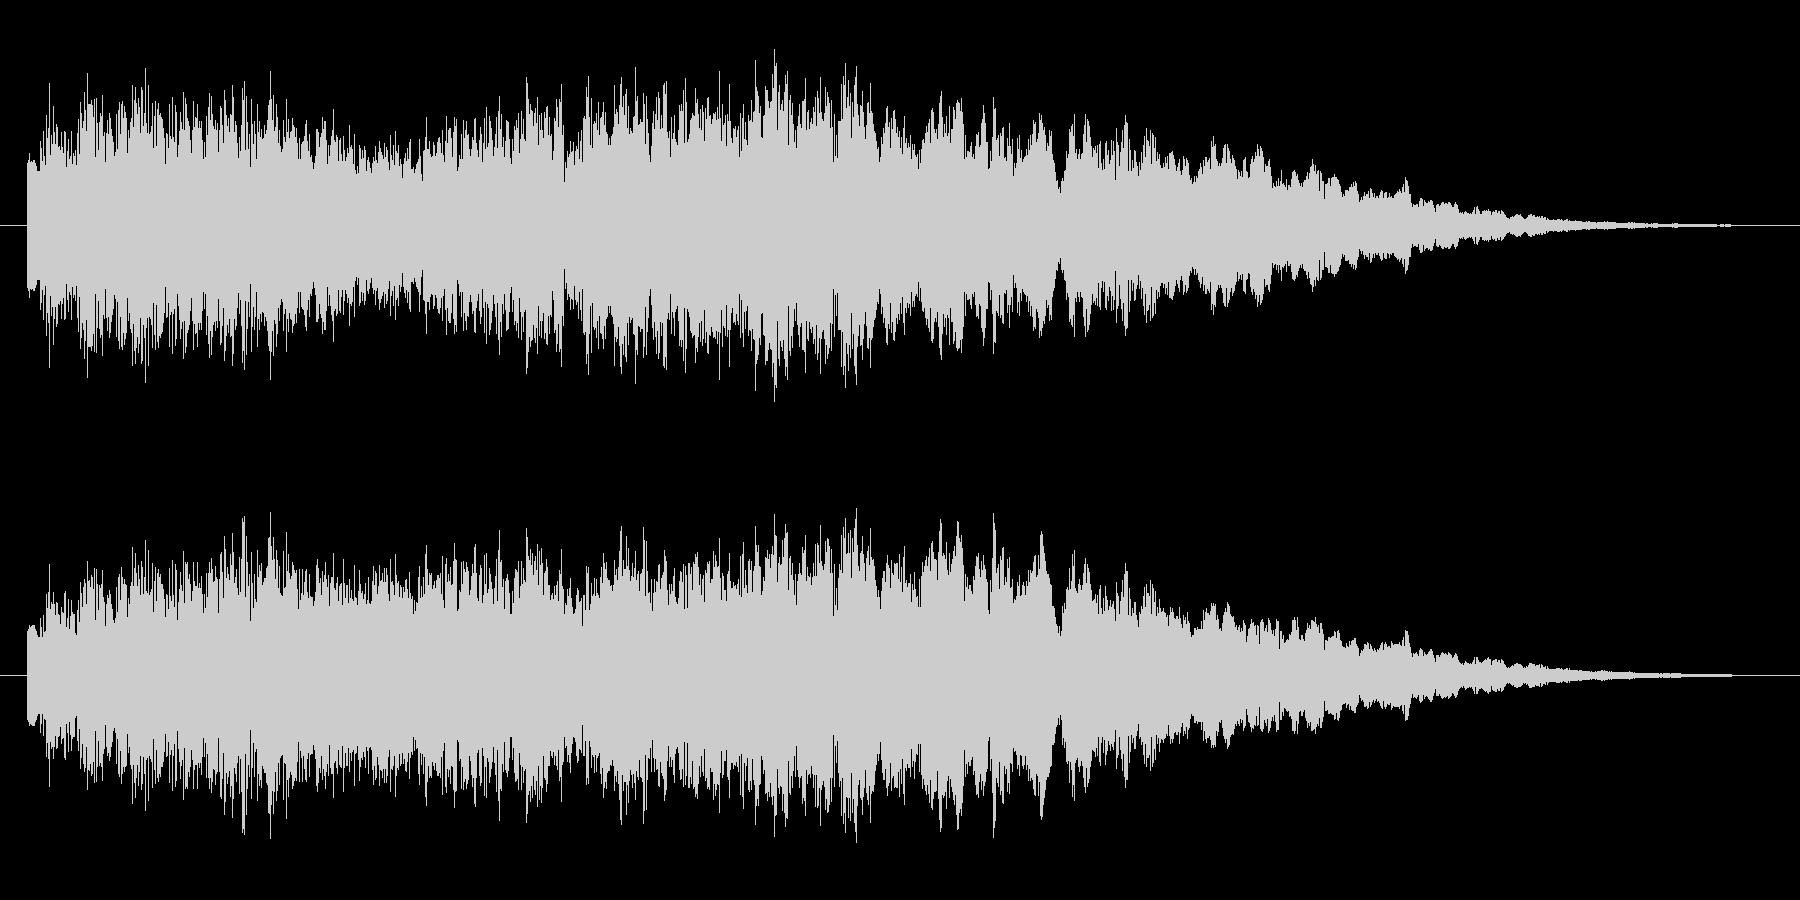 サウンドロゴ 可愛らしいチャイムの未再生の波形